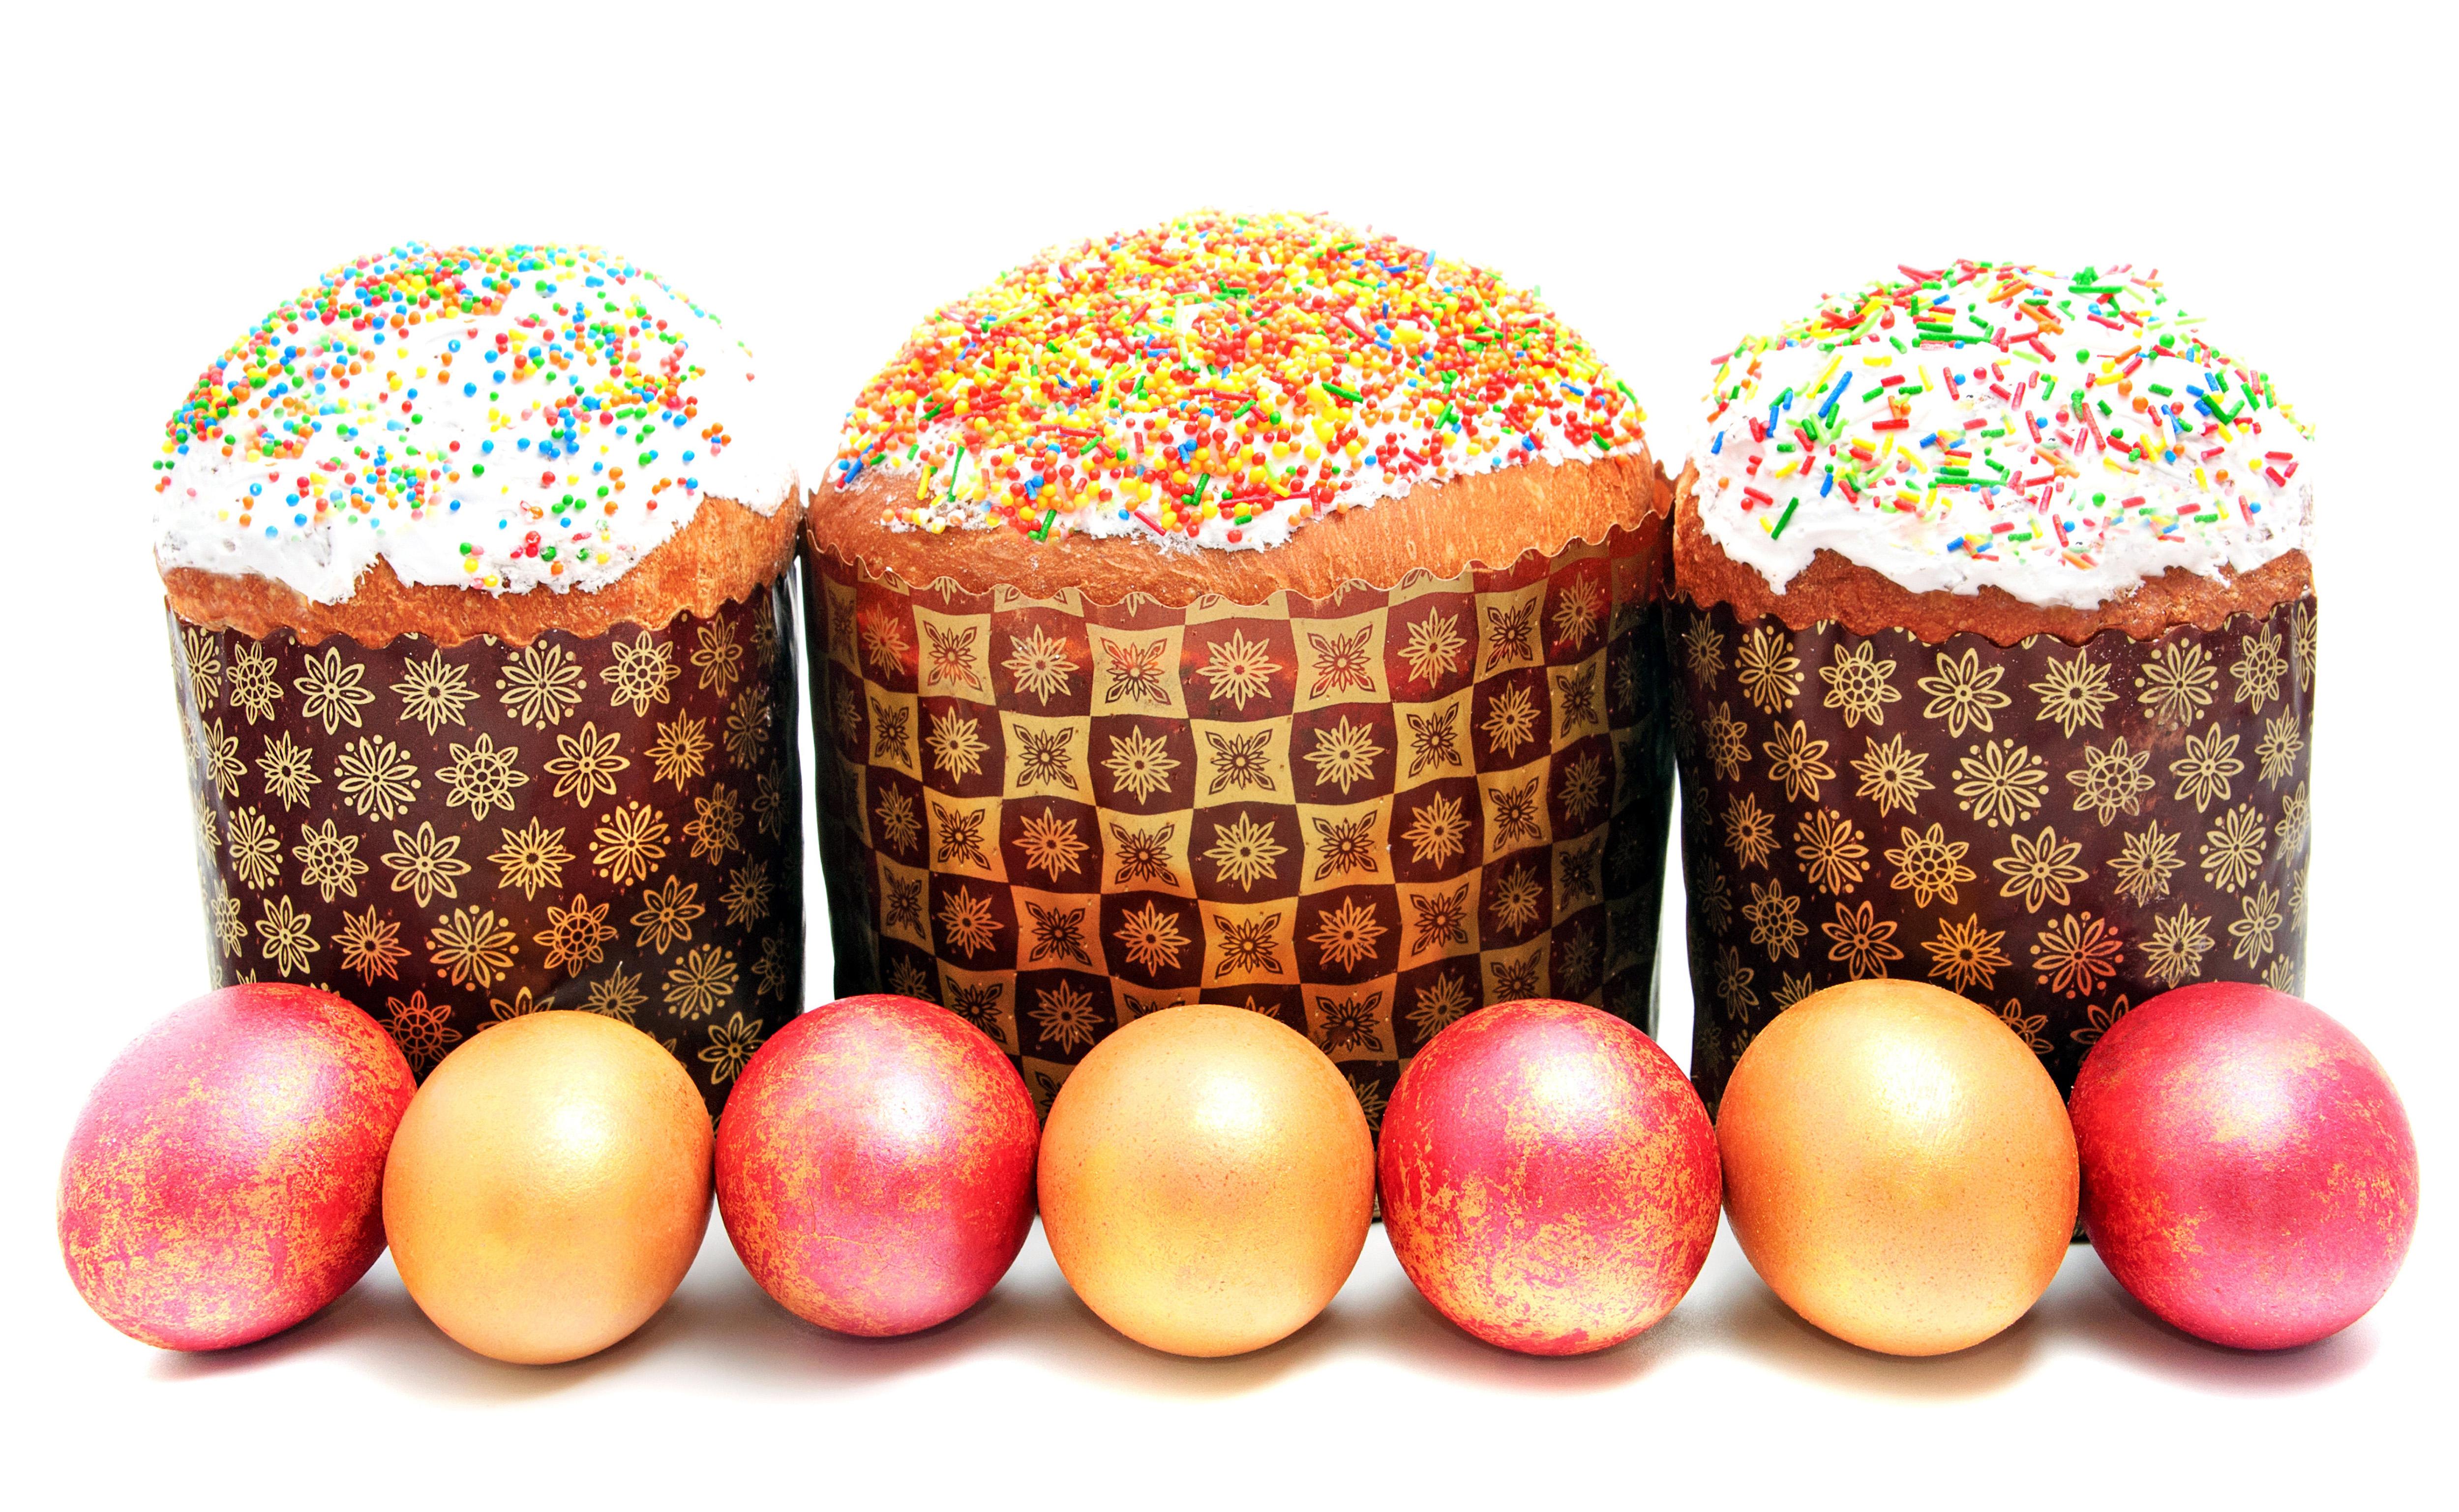 HDoboi.Kiev.ua - Три пасхальных кулича с крашеными яйцами на праздник Пасха